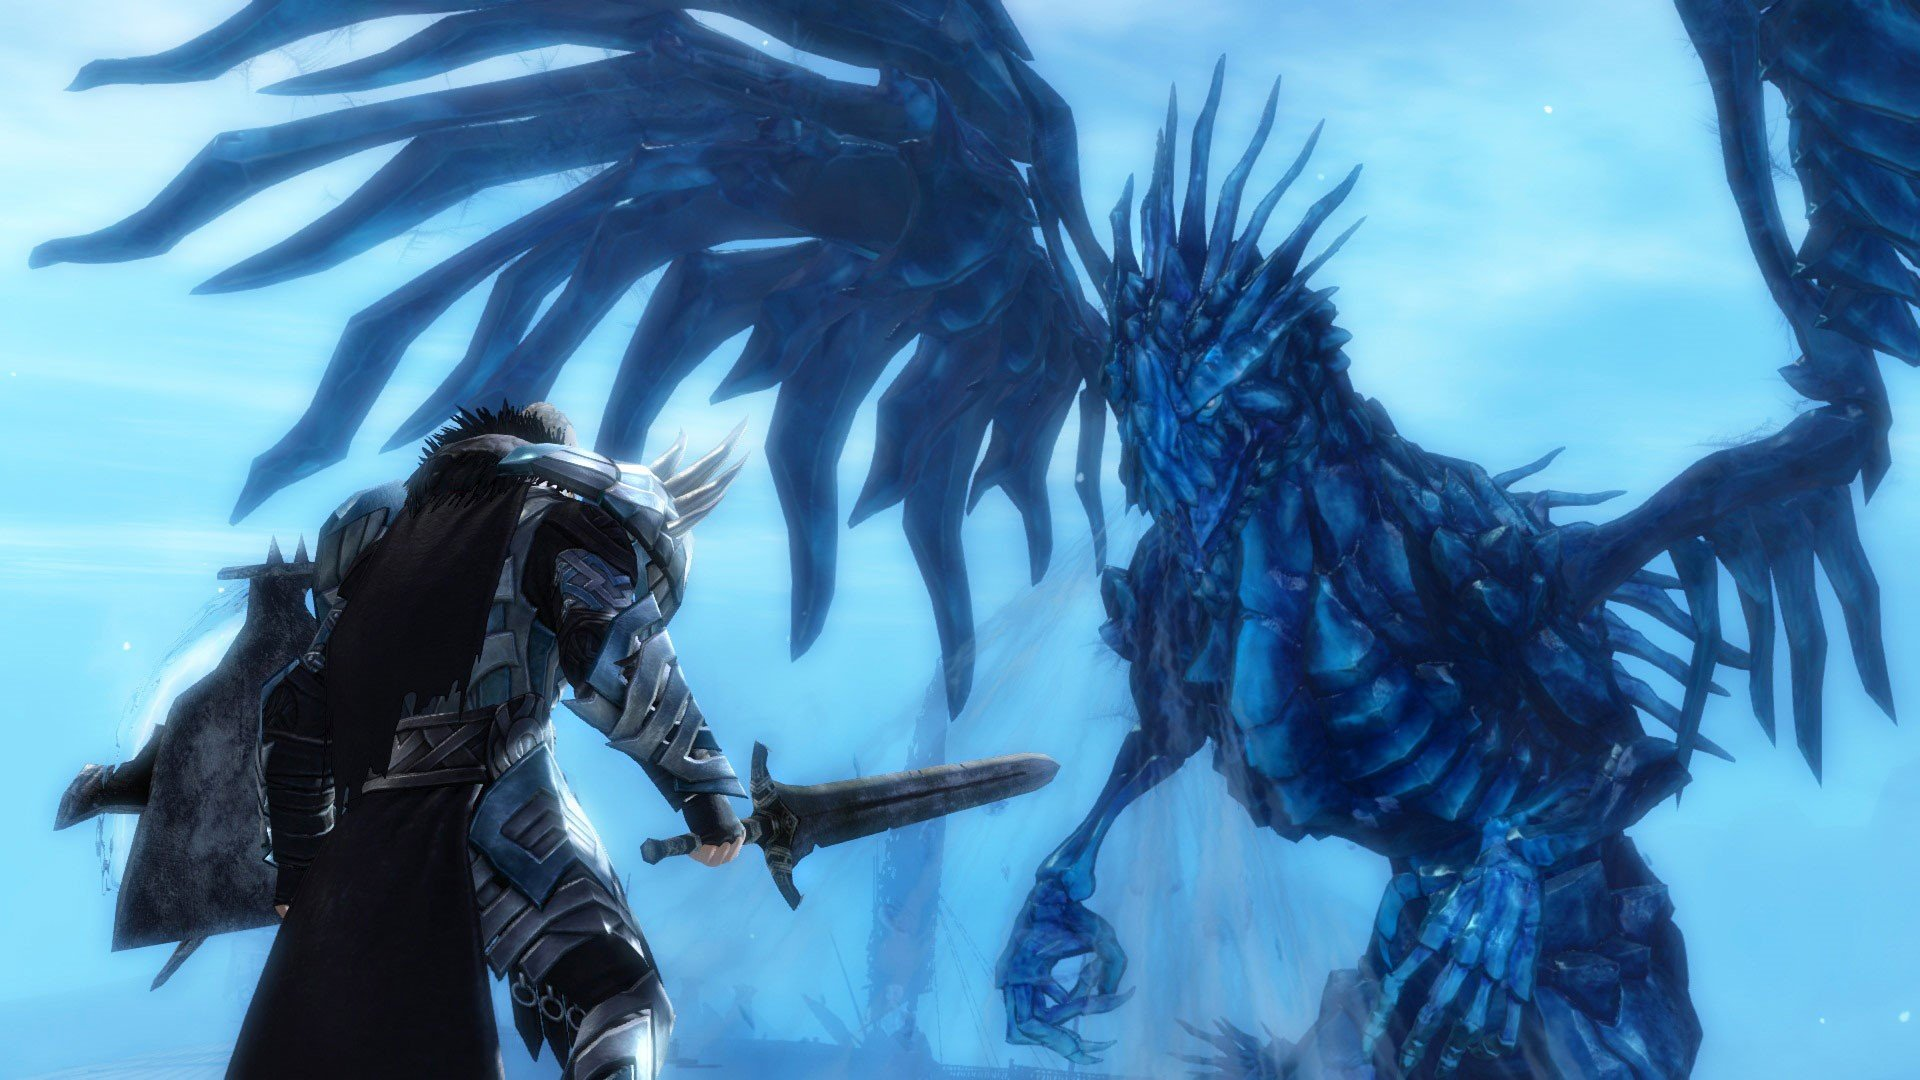 Guild Wars 2 serata community GW2 migliori giochi 2019 MMO gratis Guild Wars 2